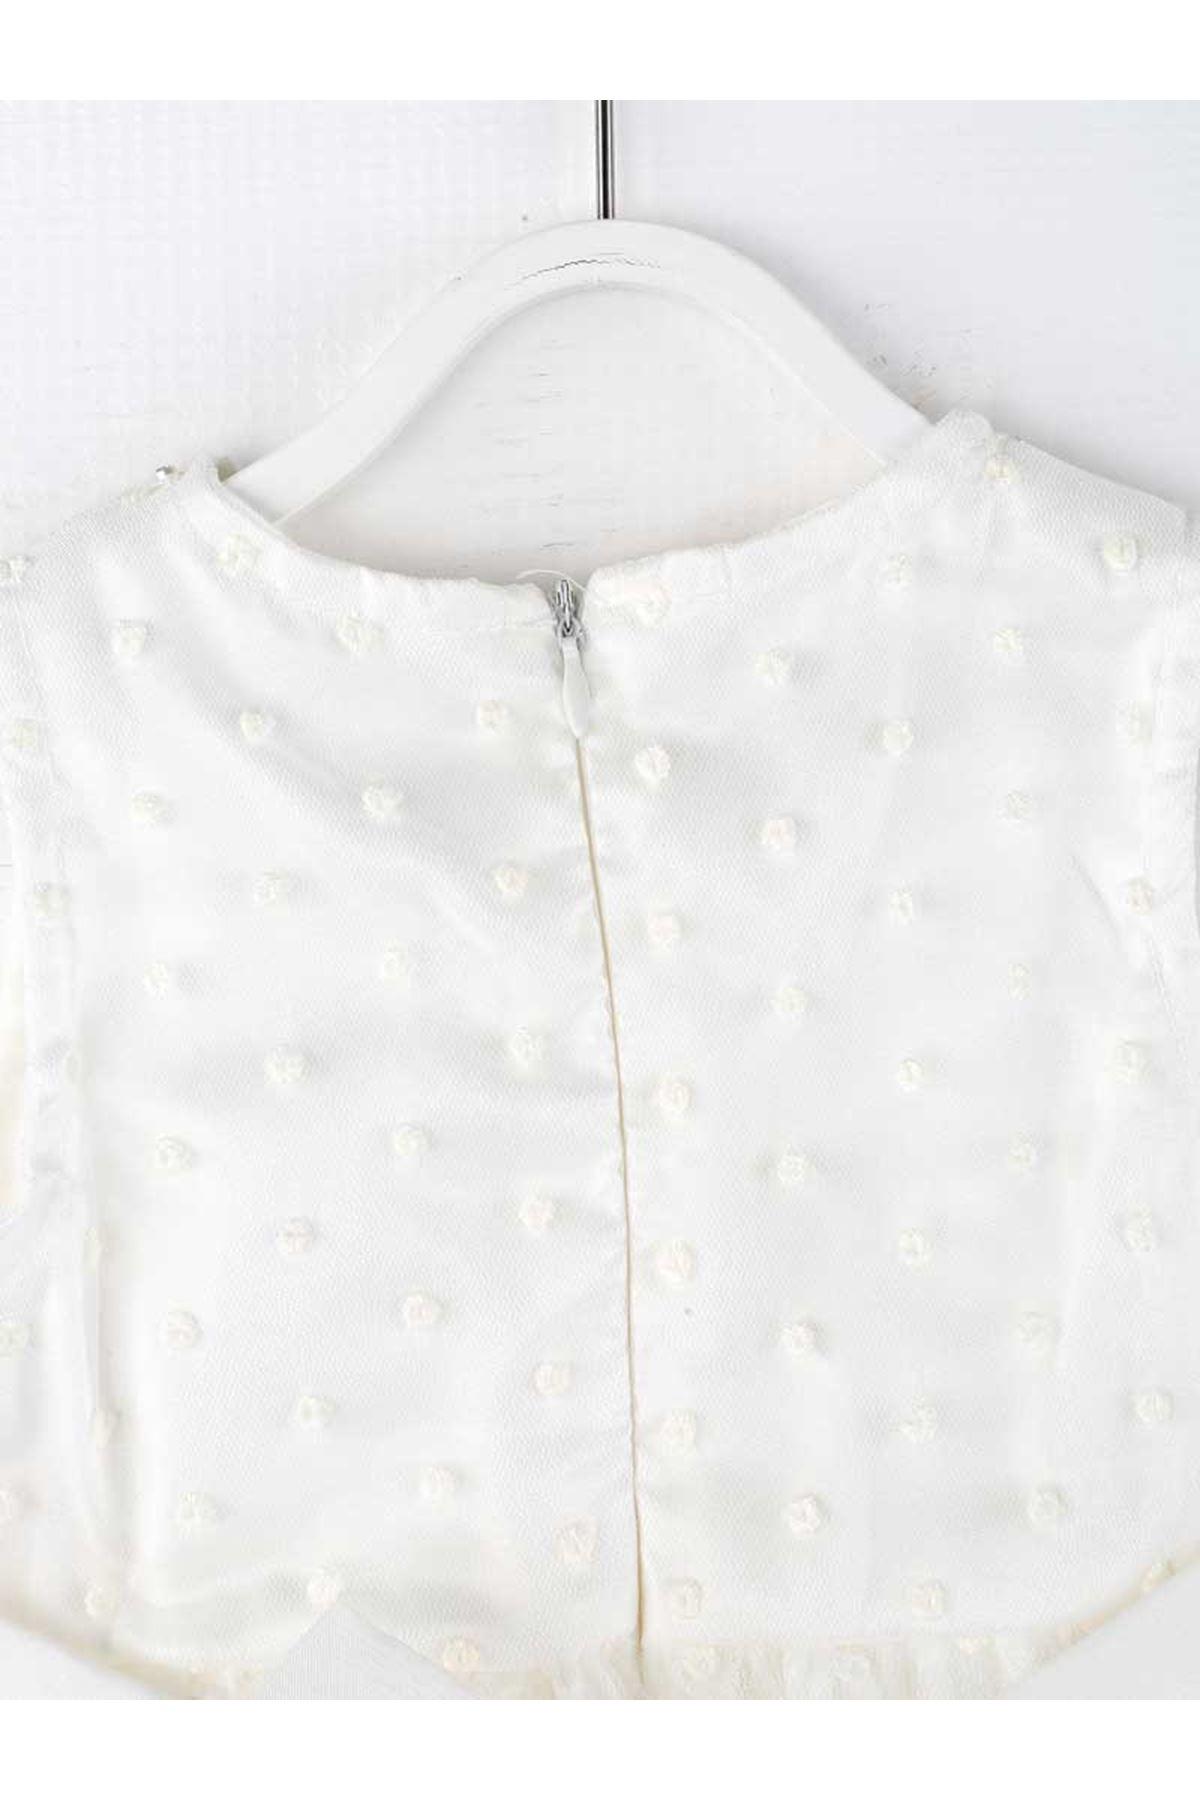 Beyaz Tüllü Çantalı Kız Çocuk Abiye Elbise